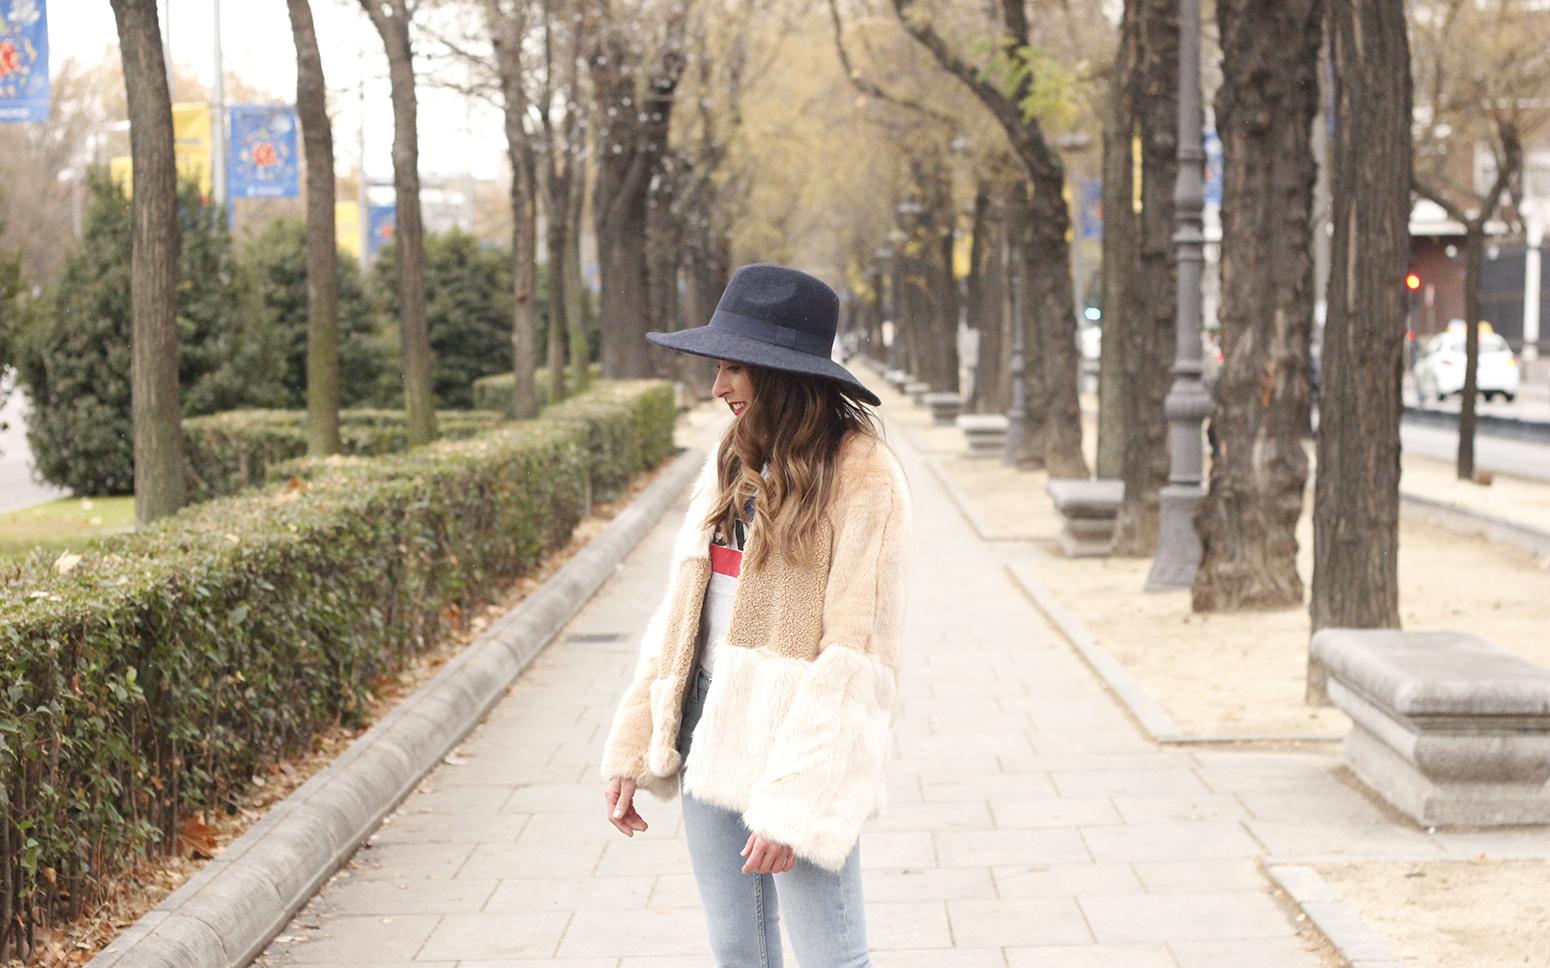 Beige faux fur coat zara blue hat nude heels jeans style fashion outfit winter 12